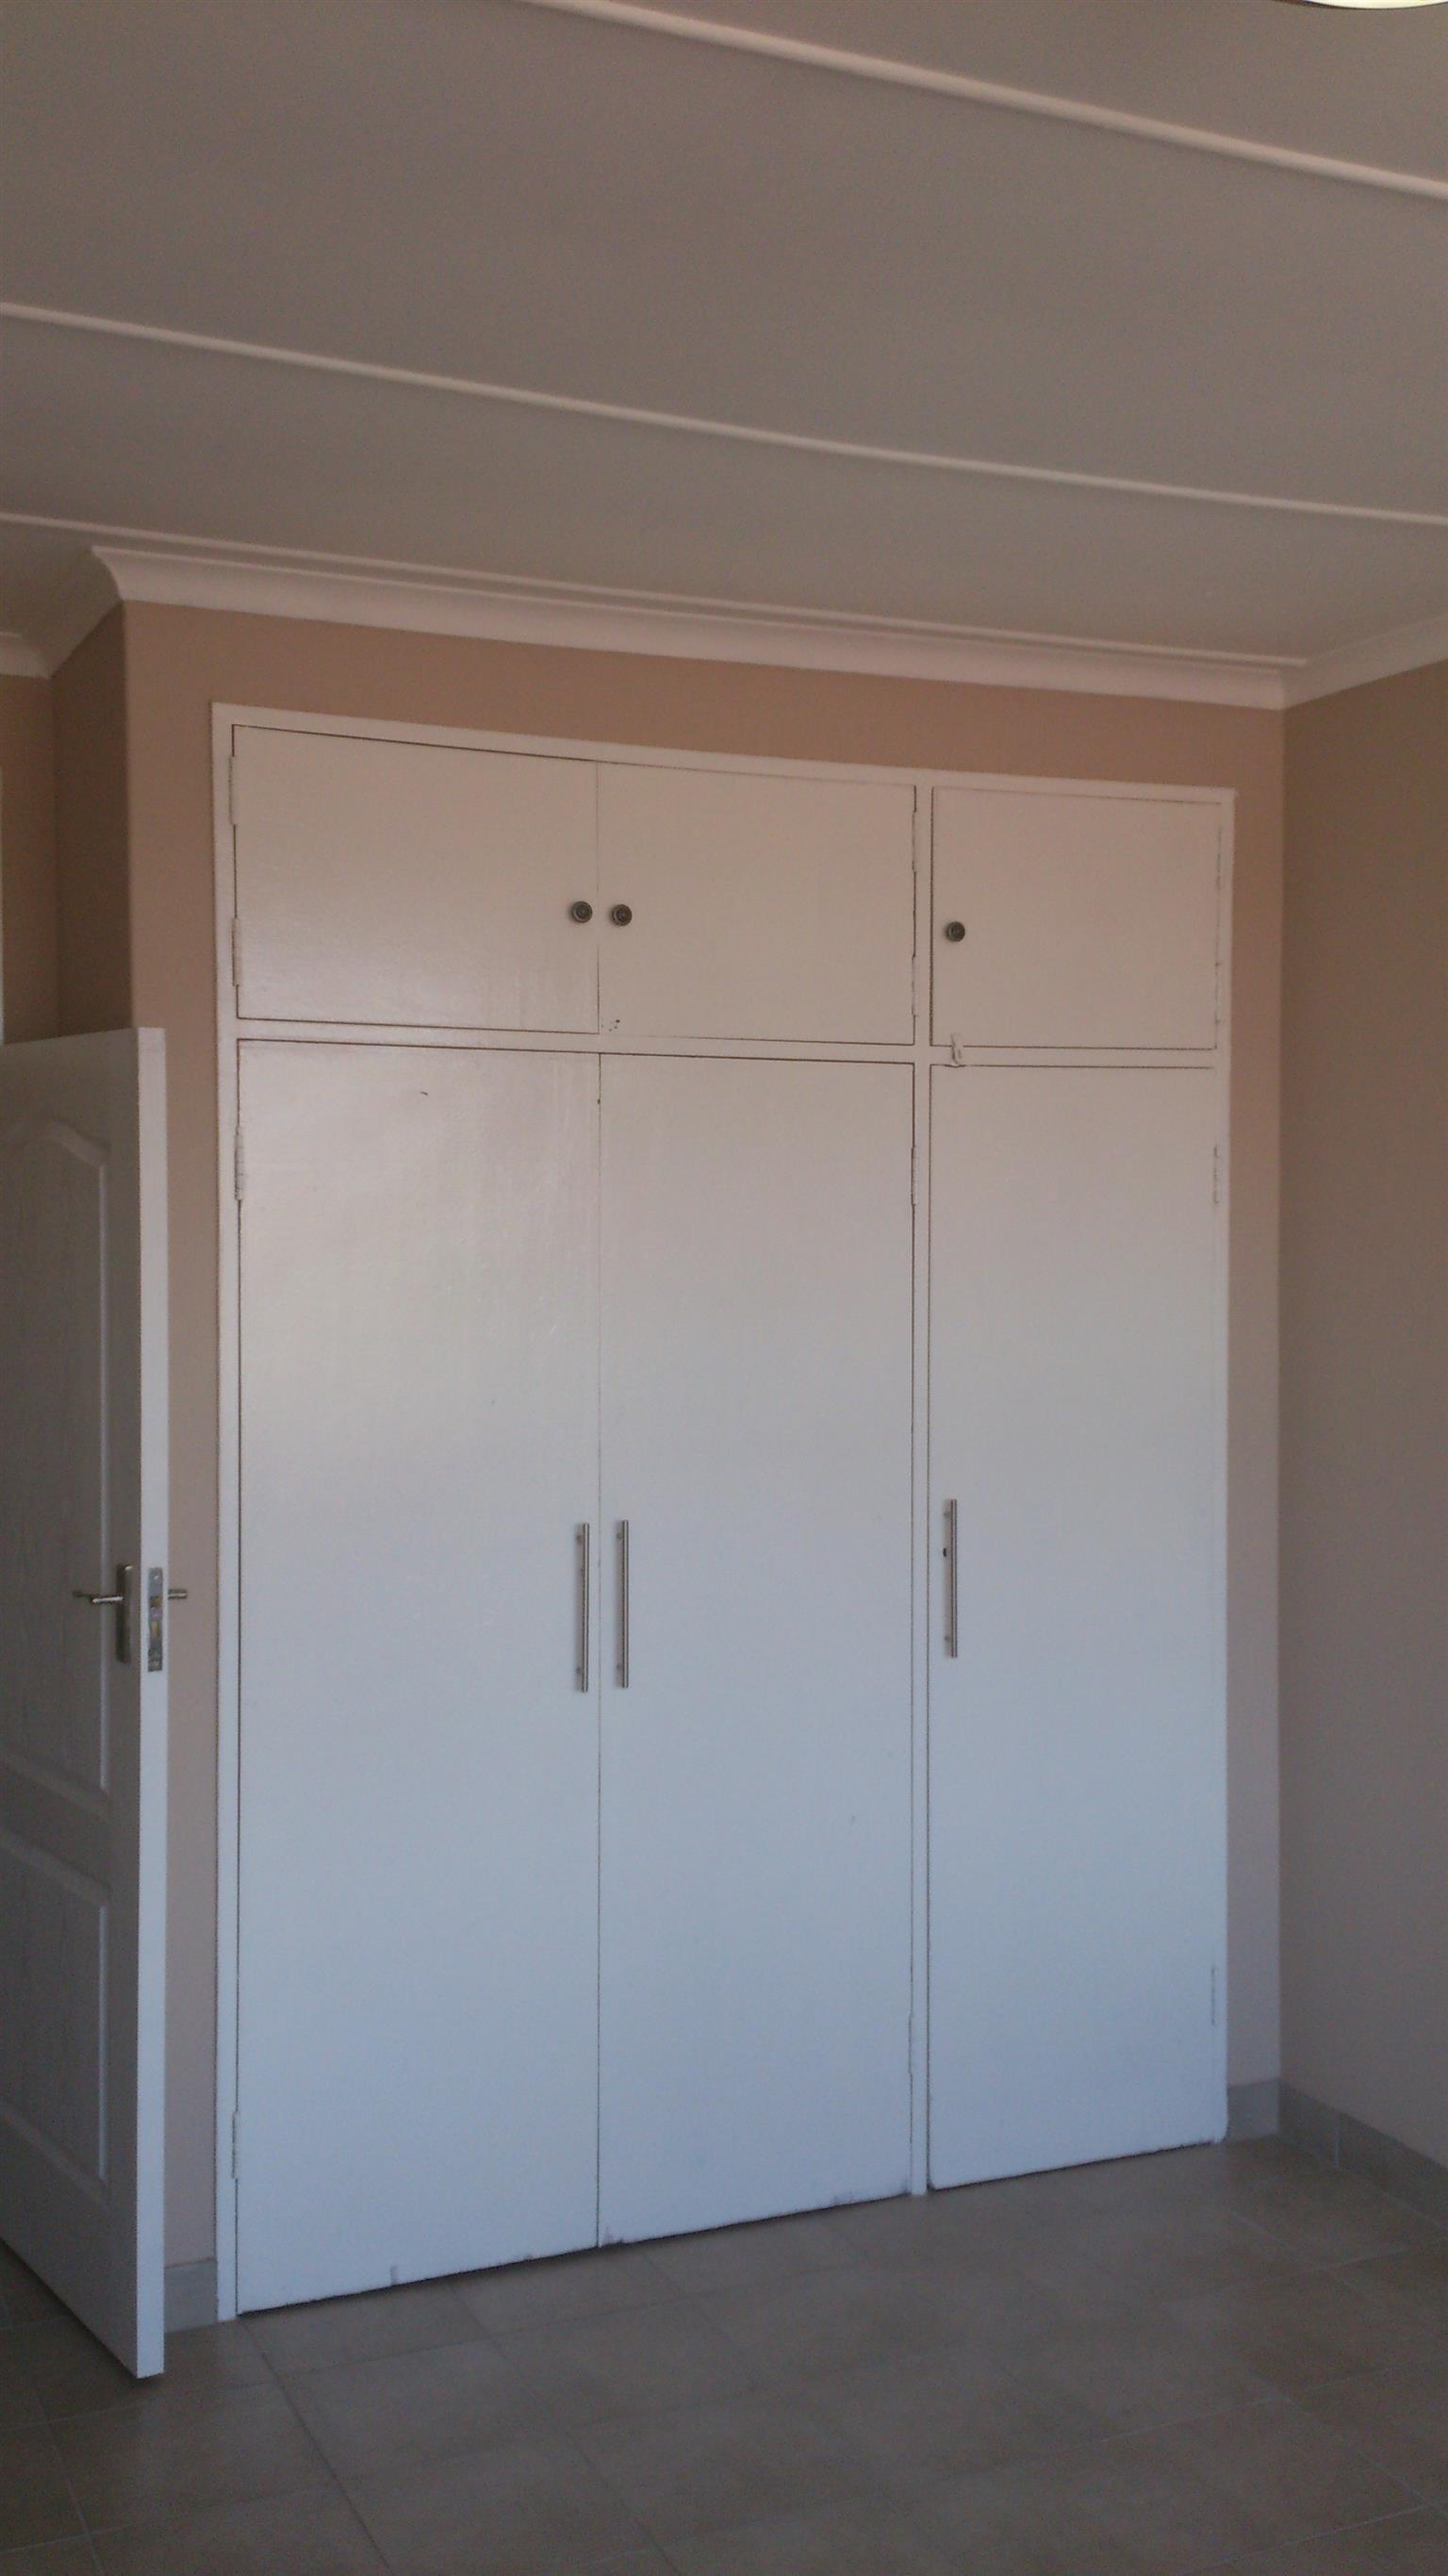 Spacious flat in Waverley